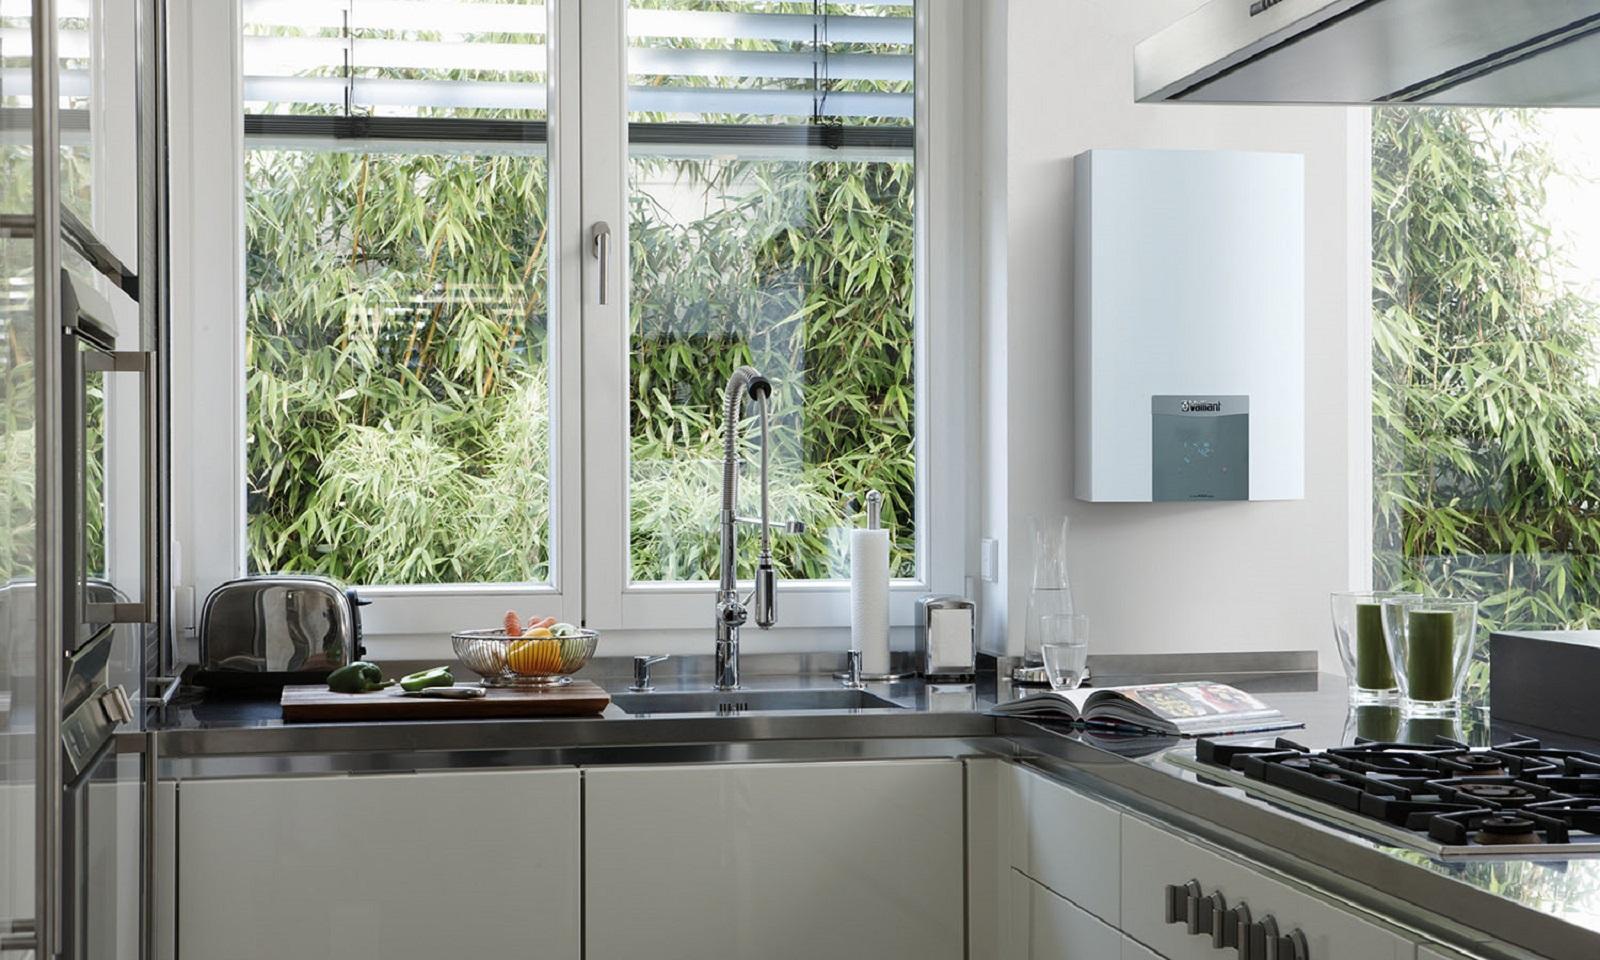 Gli scaldabagno fanno in modo che in casa l acqua calda - Scaldabagno elettrico vaillant ...